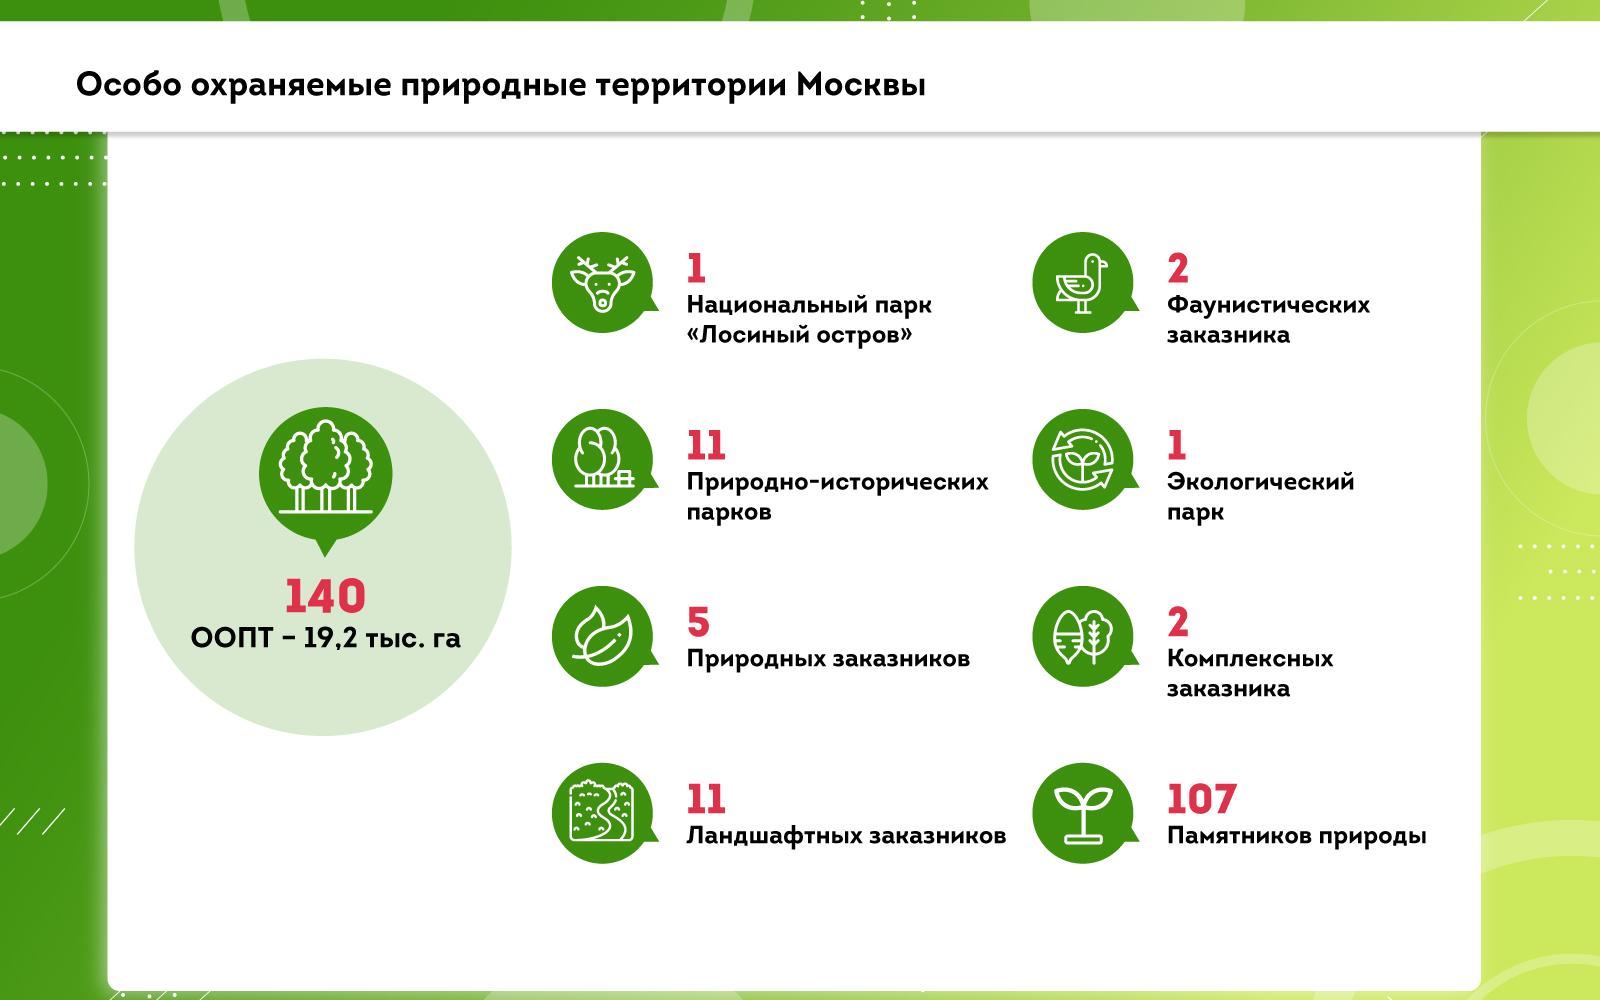 https://cdn.sobyanin.ru/static/img/1707-web-0010160.jpg